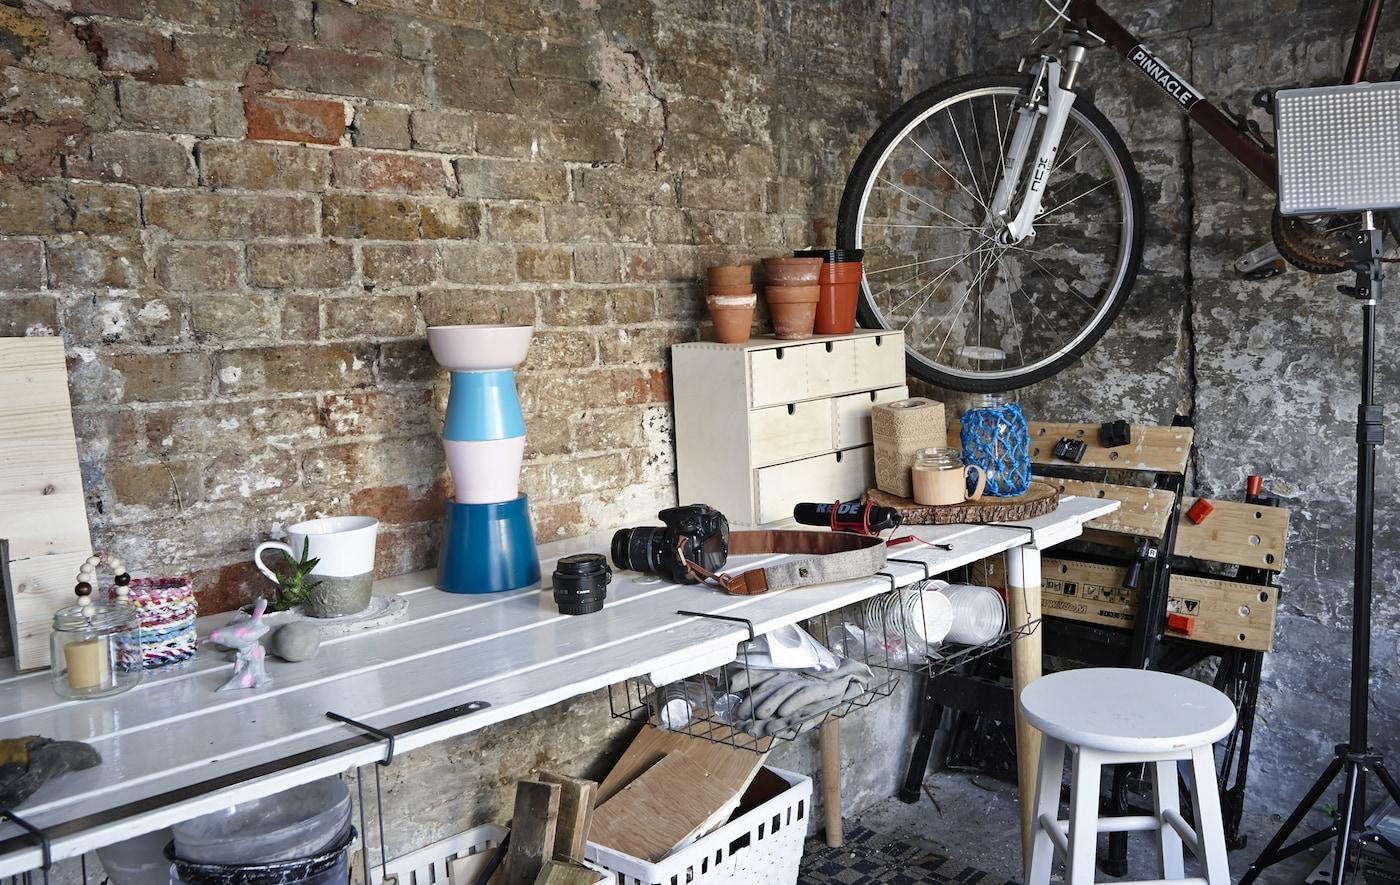 A workspace with plenty of storage